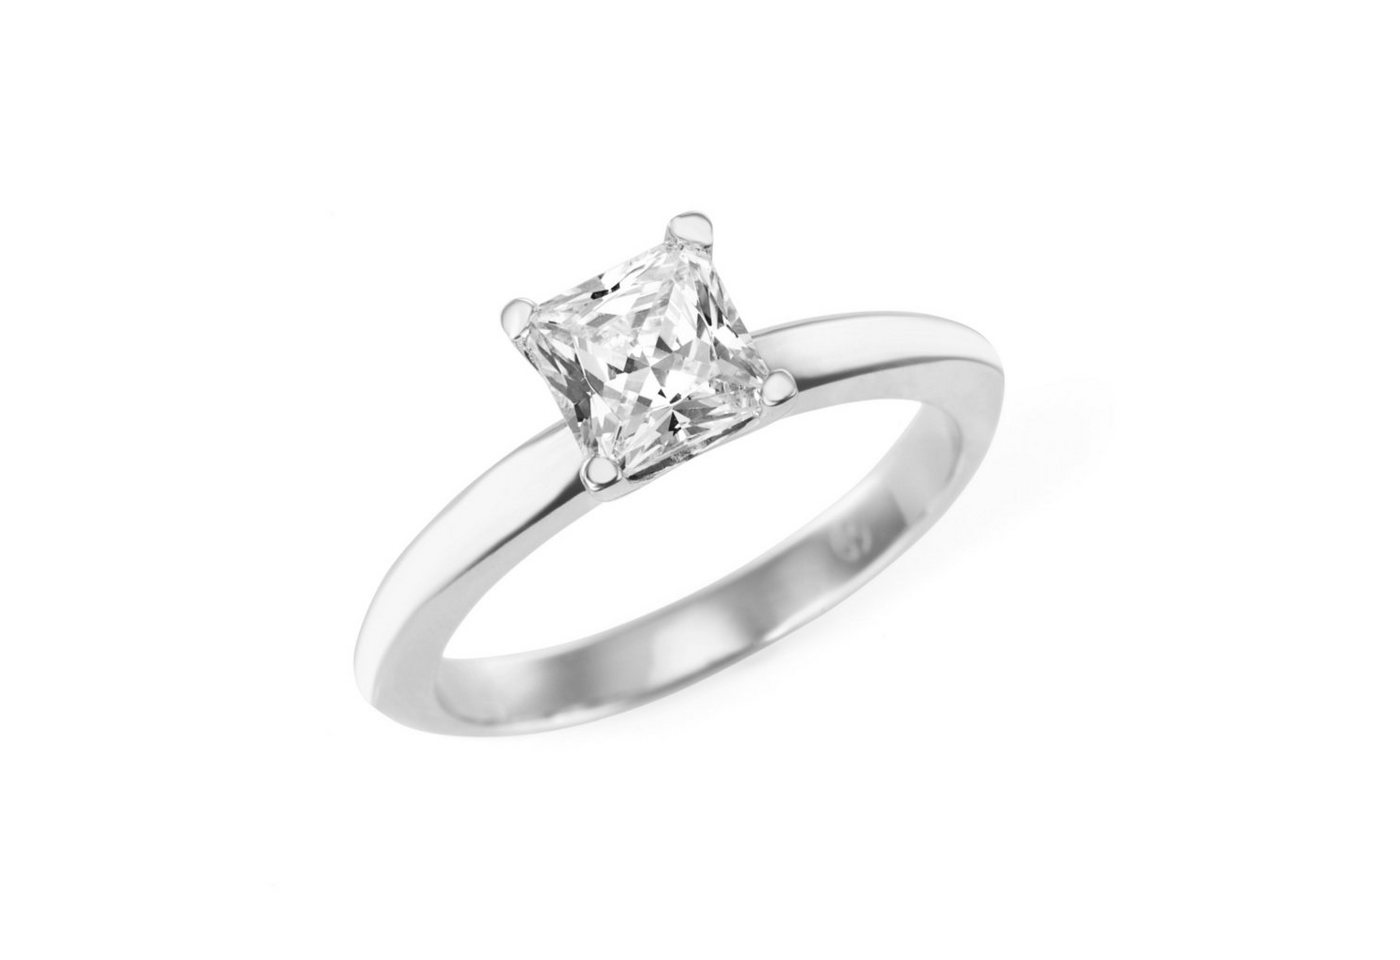 GIORGIO MARTELLO MILANO Verlobungsring »Zirkonia Stein« | Schmuck > Ringe > Verlobungsringe | Stein | GIORGIO MARTELLO MILANO